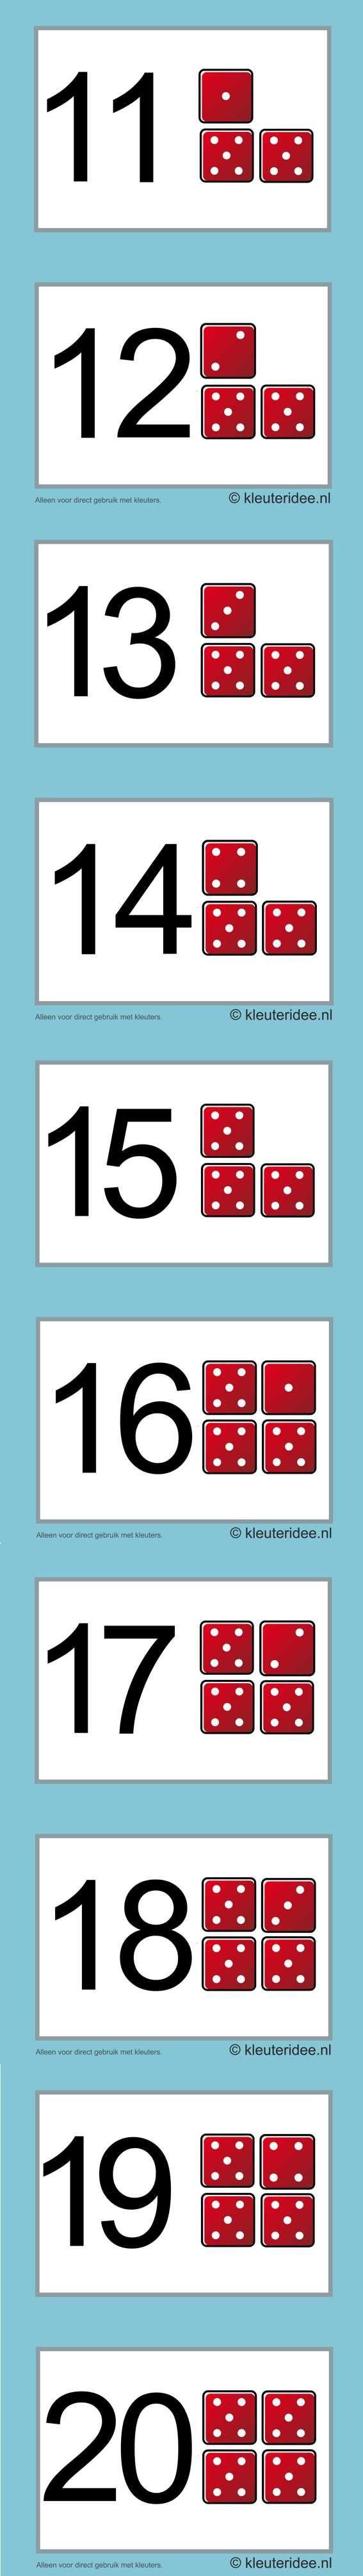 Cijferkaarten voor kleuters 19-20, kleuteridee , number cards for ...